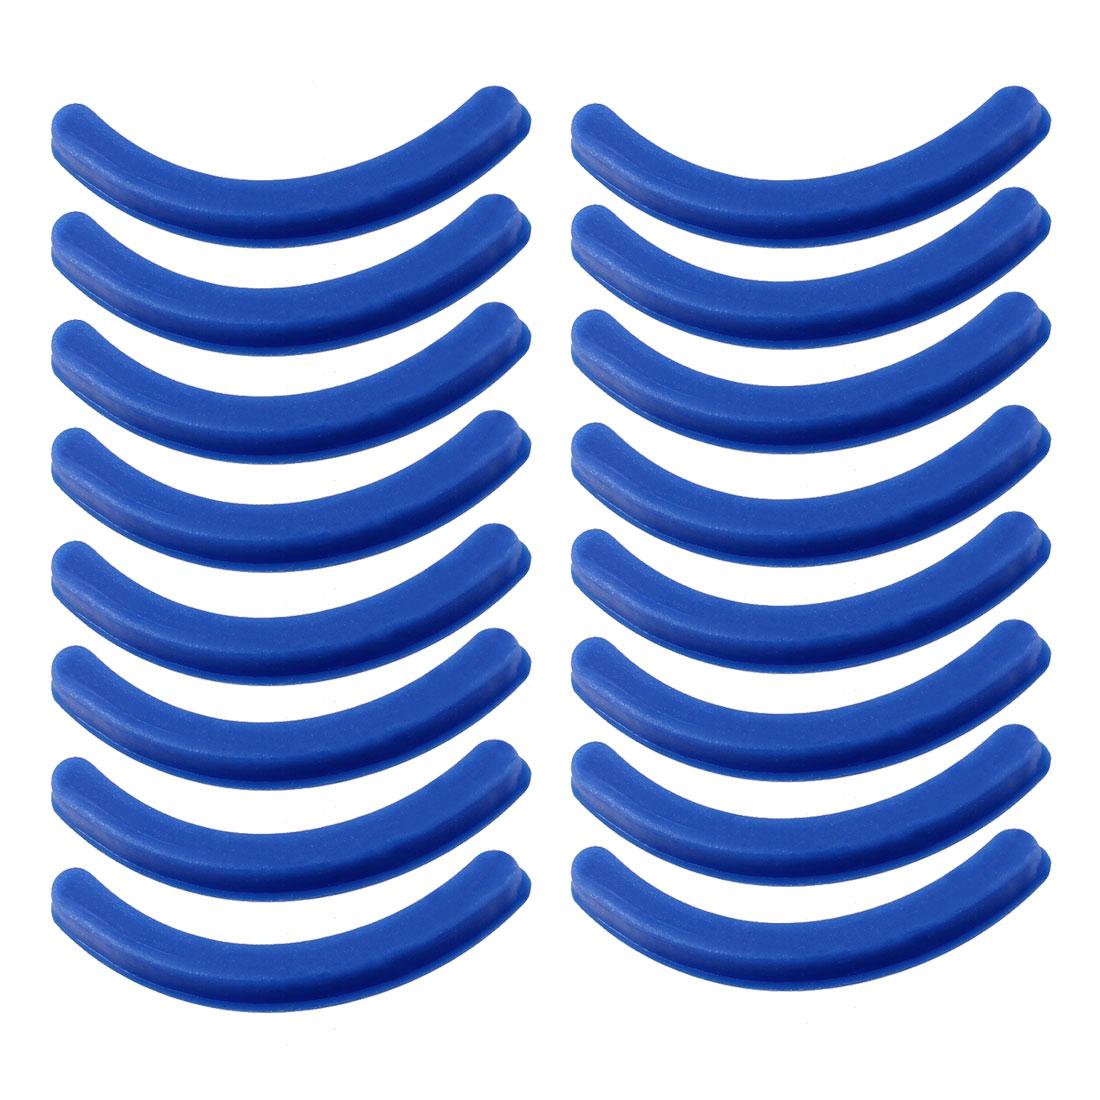 Flexible Rubber Eyelash Curler Replaceable Cushion Pads Blue 16 Pcs